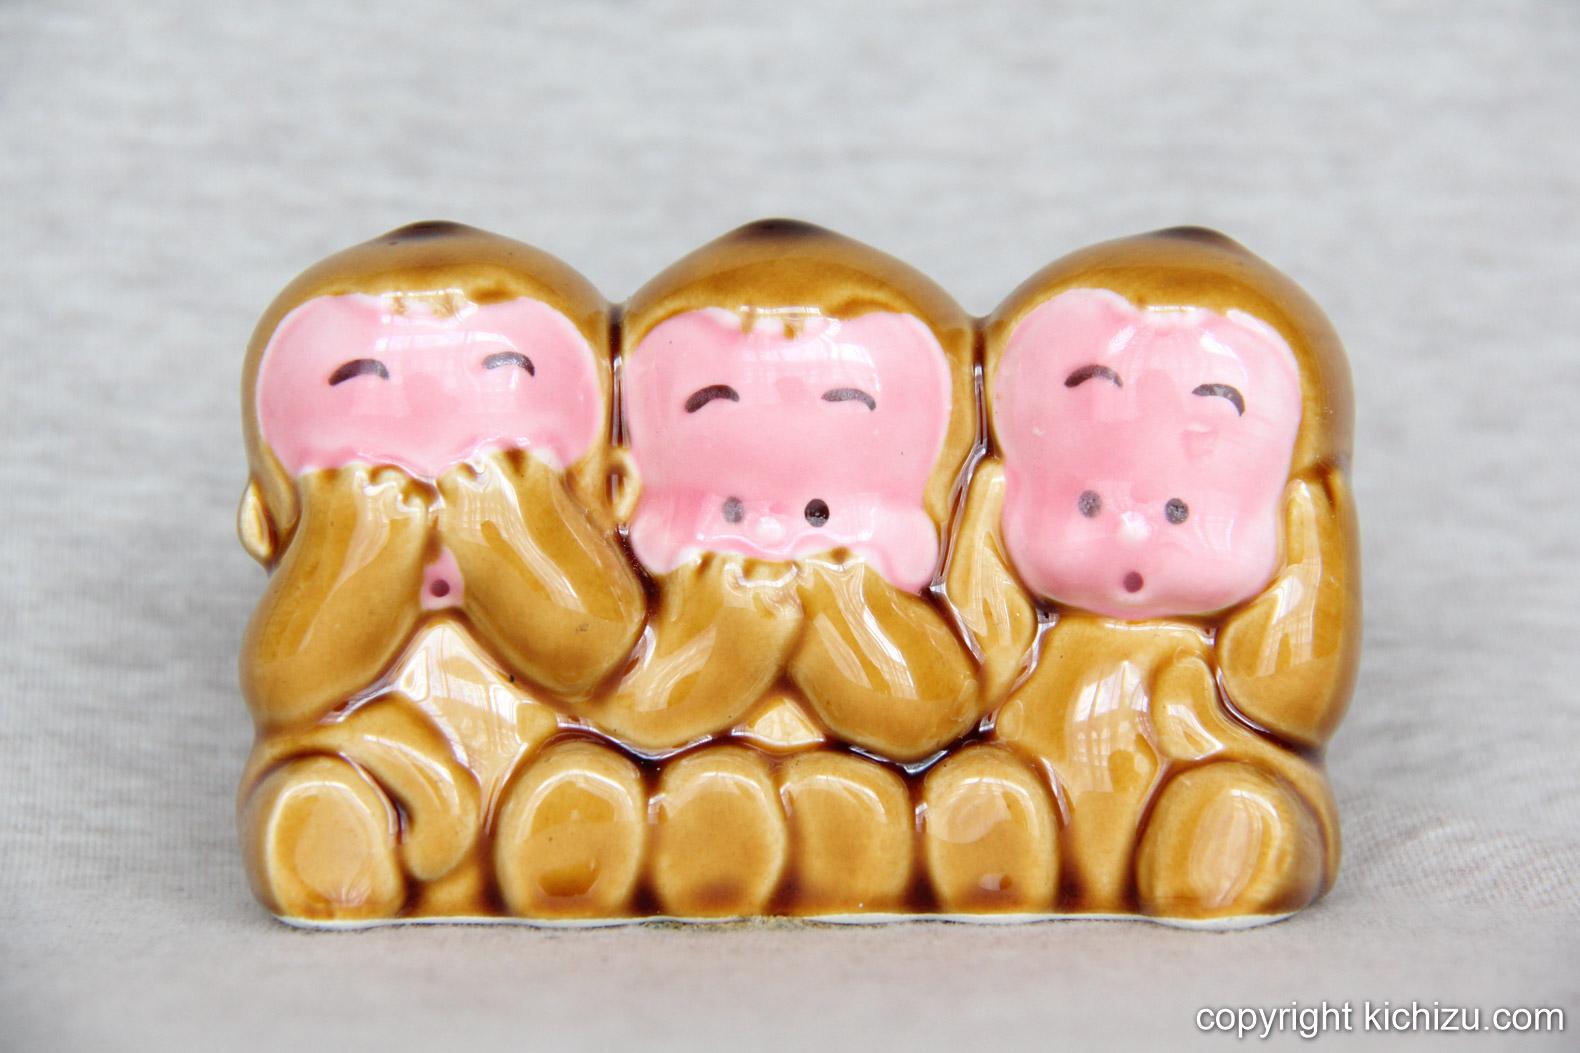 ピンクの顔をしたかわいい三猿達。